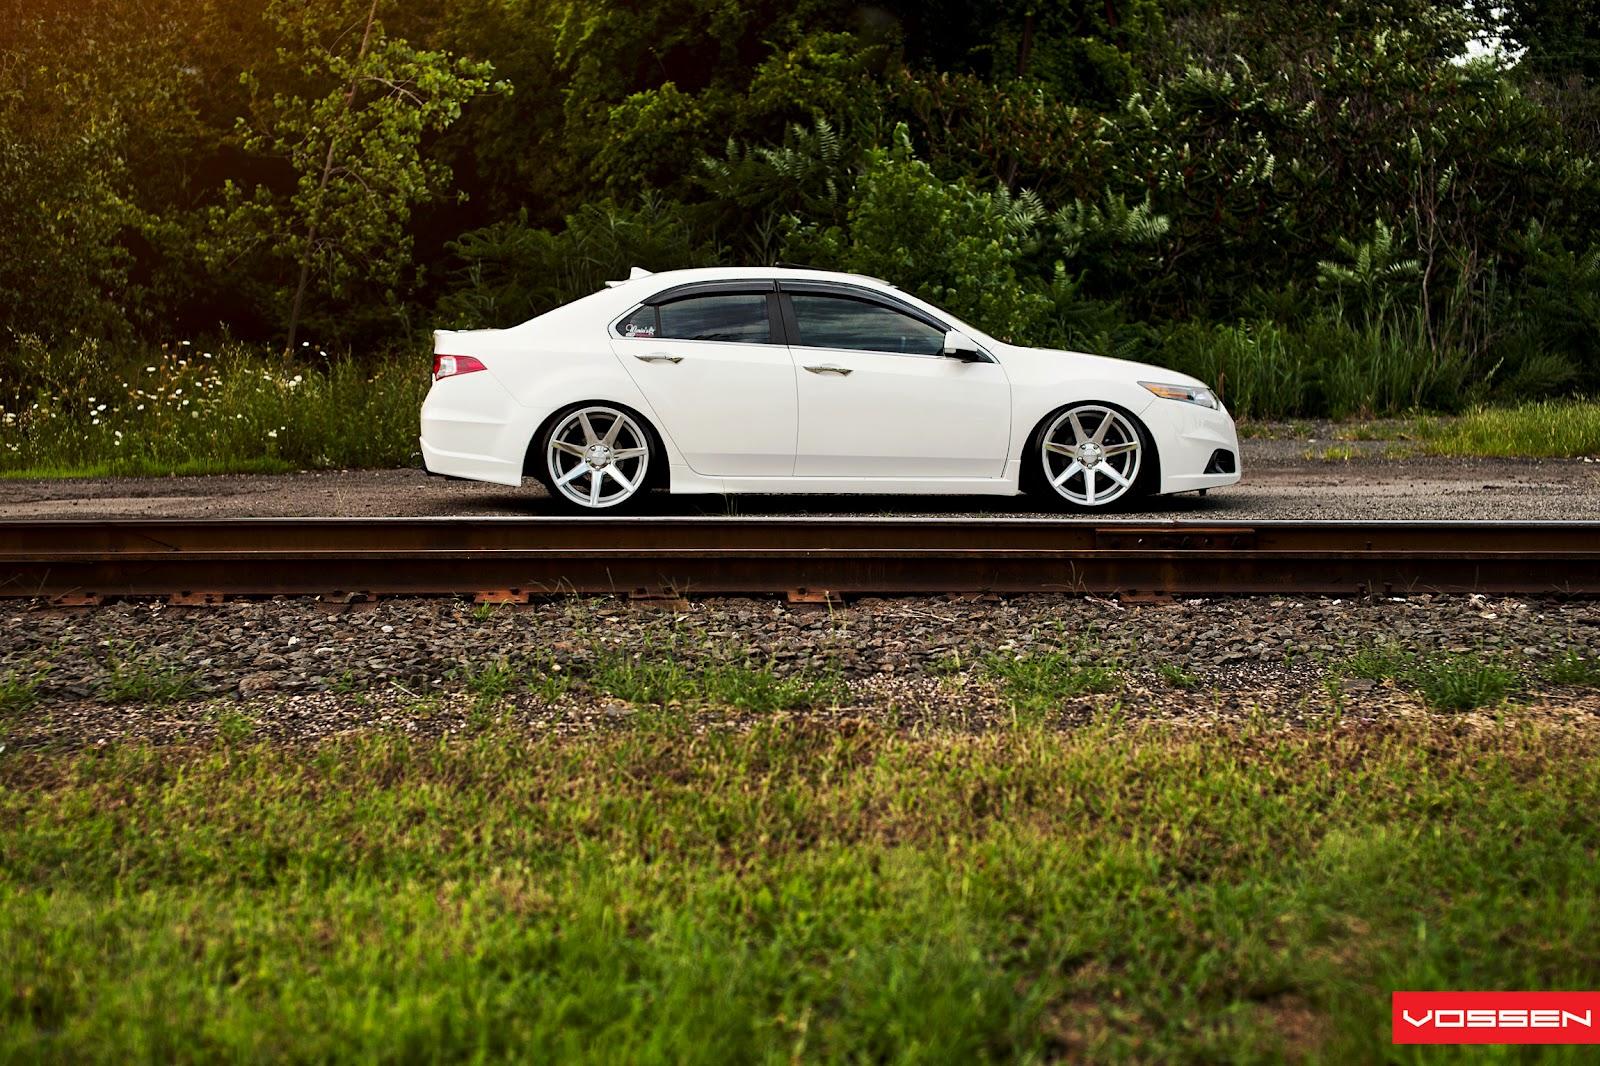 vossen wheels 4th gen acura tl with 20 inch x 10 5 vossen wheels with ...